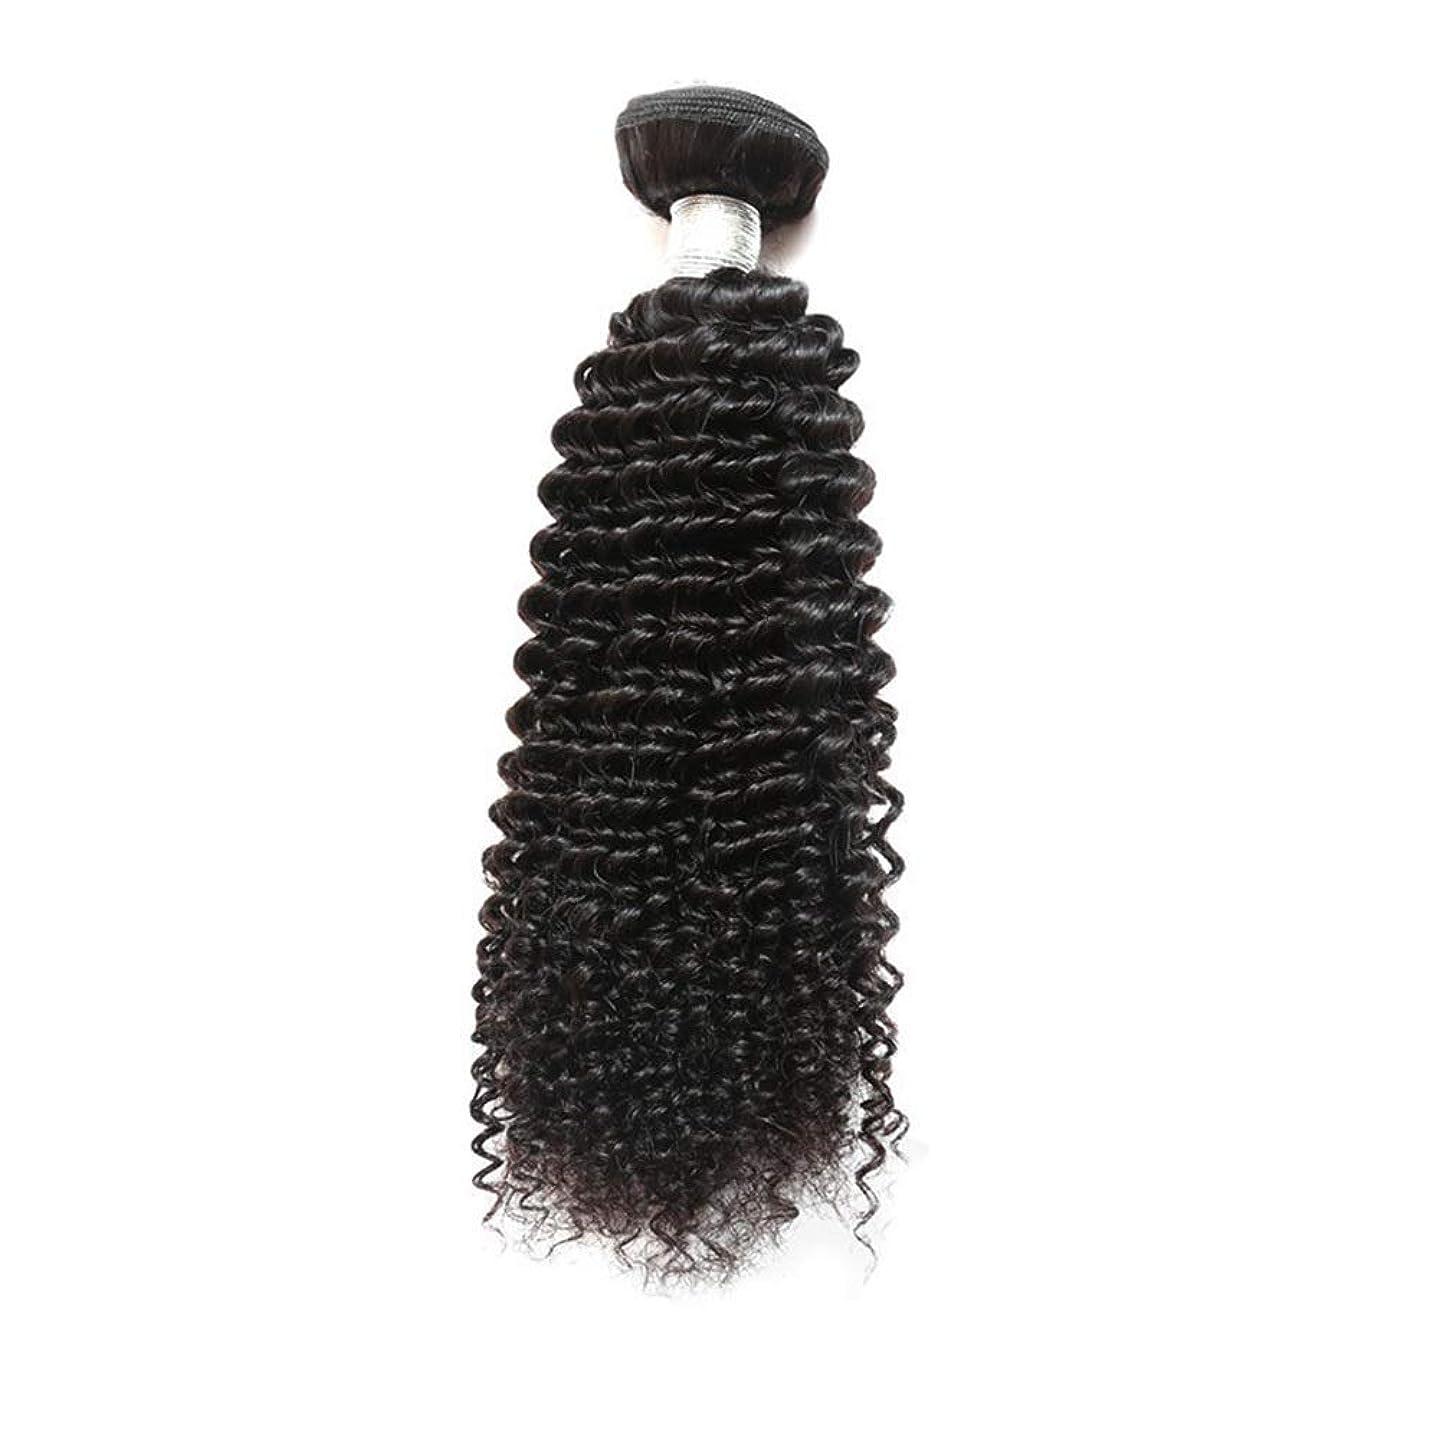 報告書モッキンバードストライプYESONEEP ブラジルの巻き毛10Aグレードバージンヘアバンドル100%未処理のRemy人間の毛髪のエクステンションロールプレイングかつら女性の自然なかつら (色 : 黒, サイズ : 16 inch)